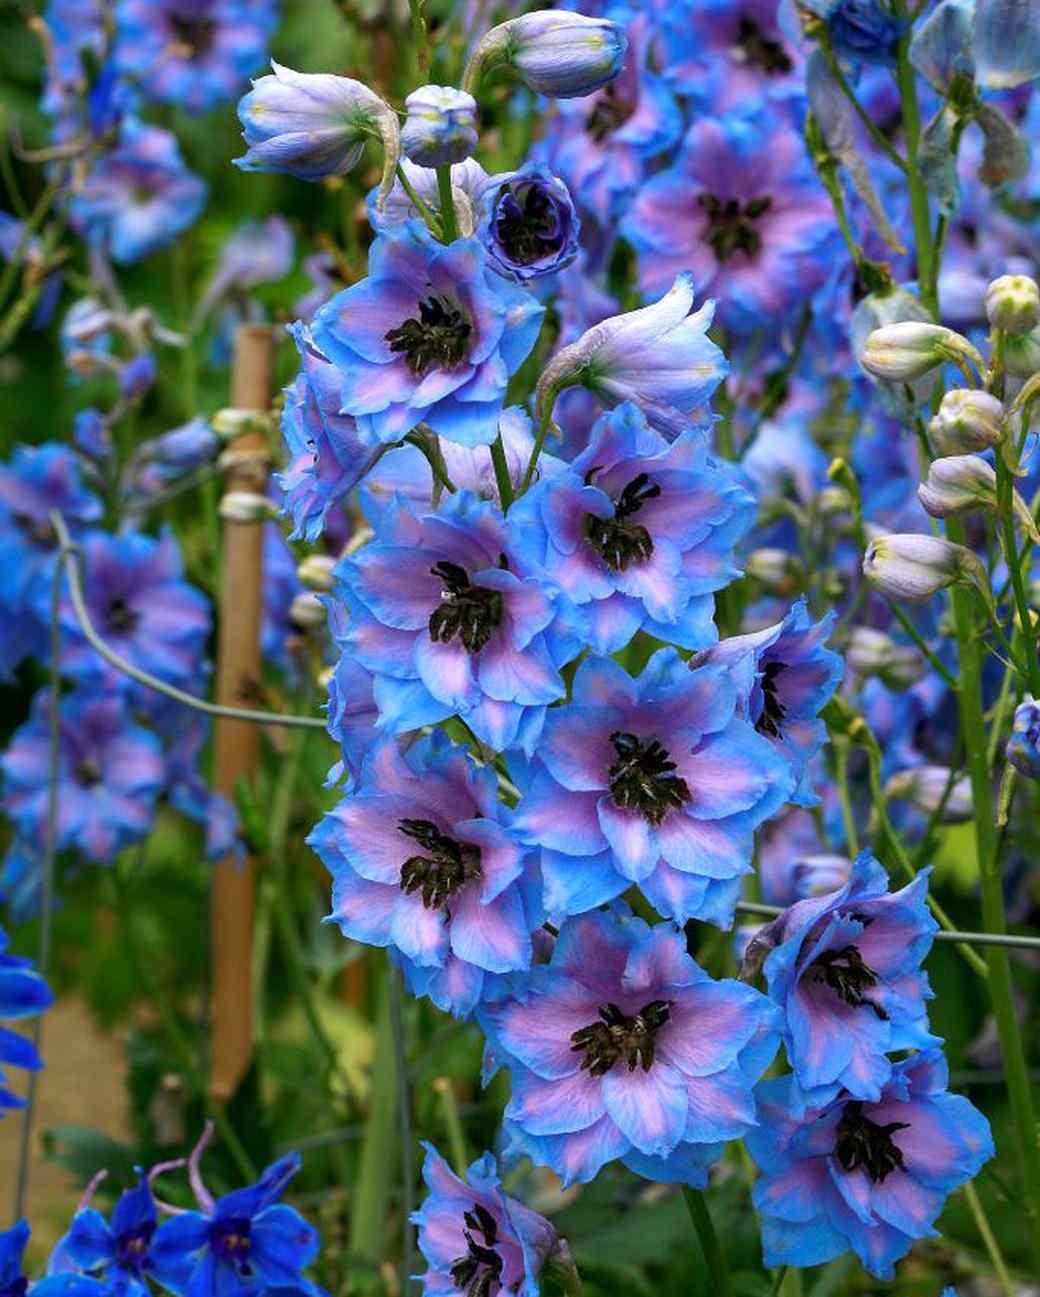 larkspur delphinium flowers